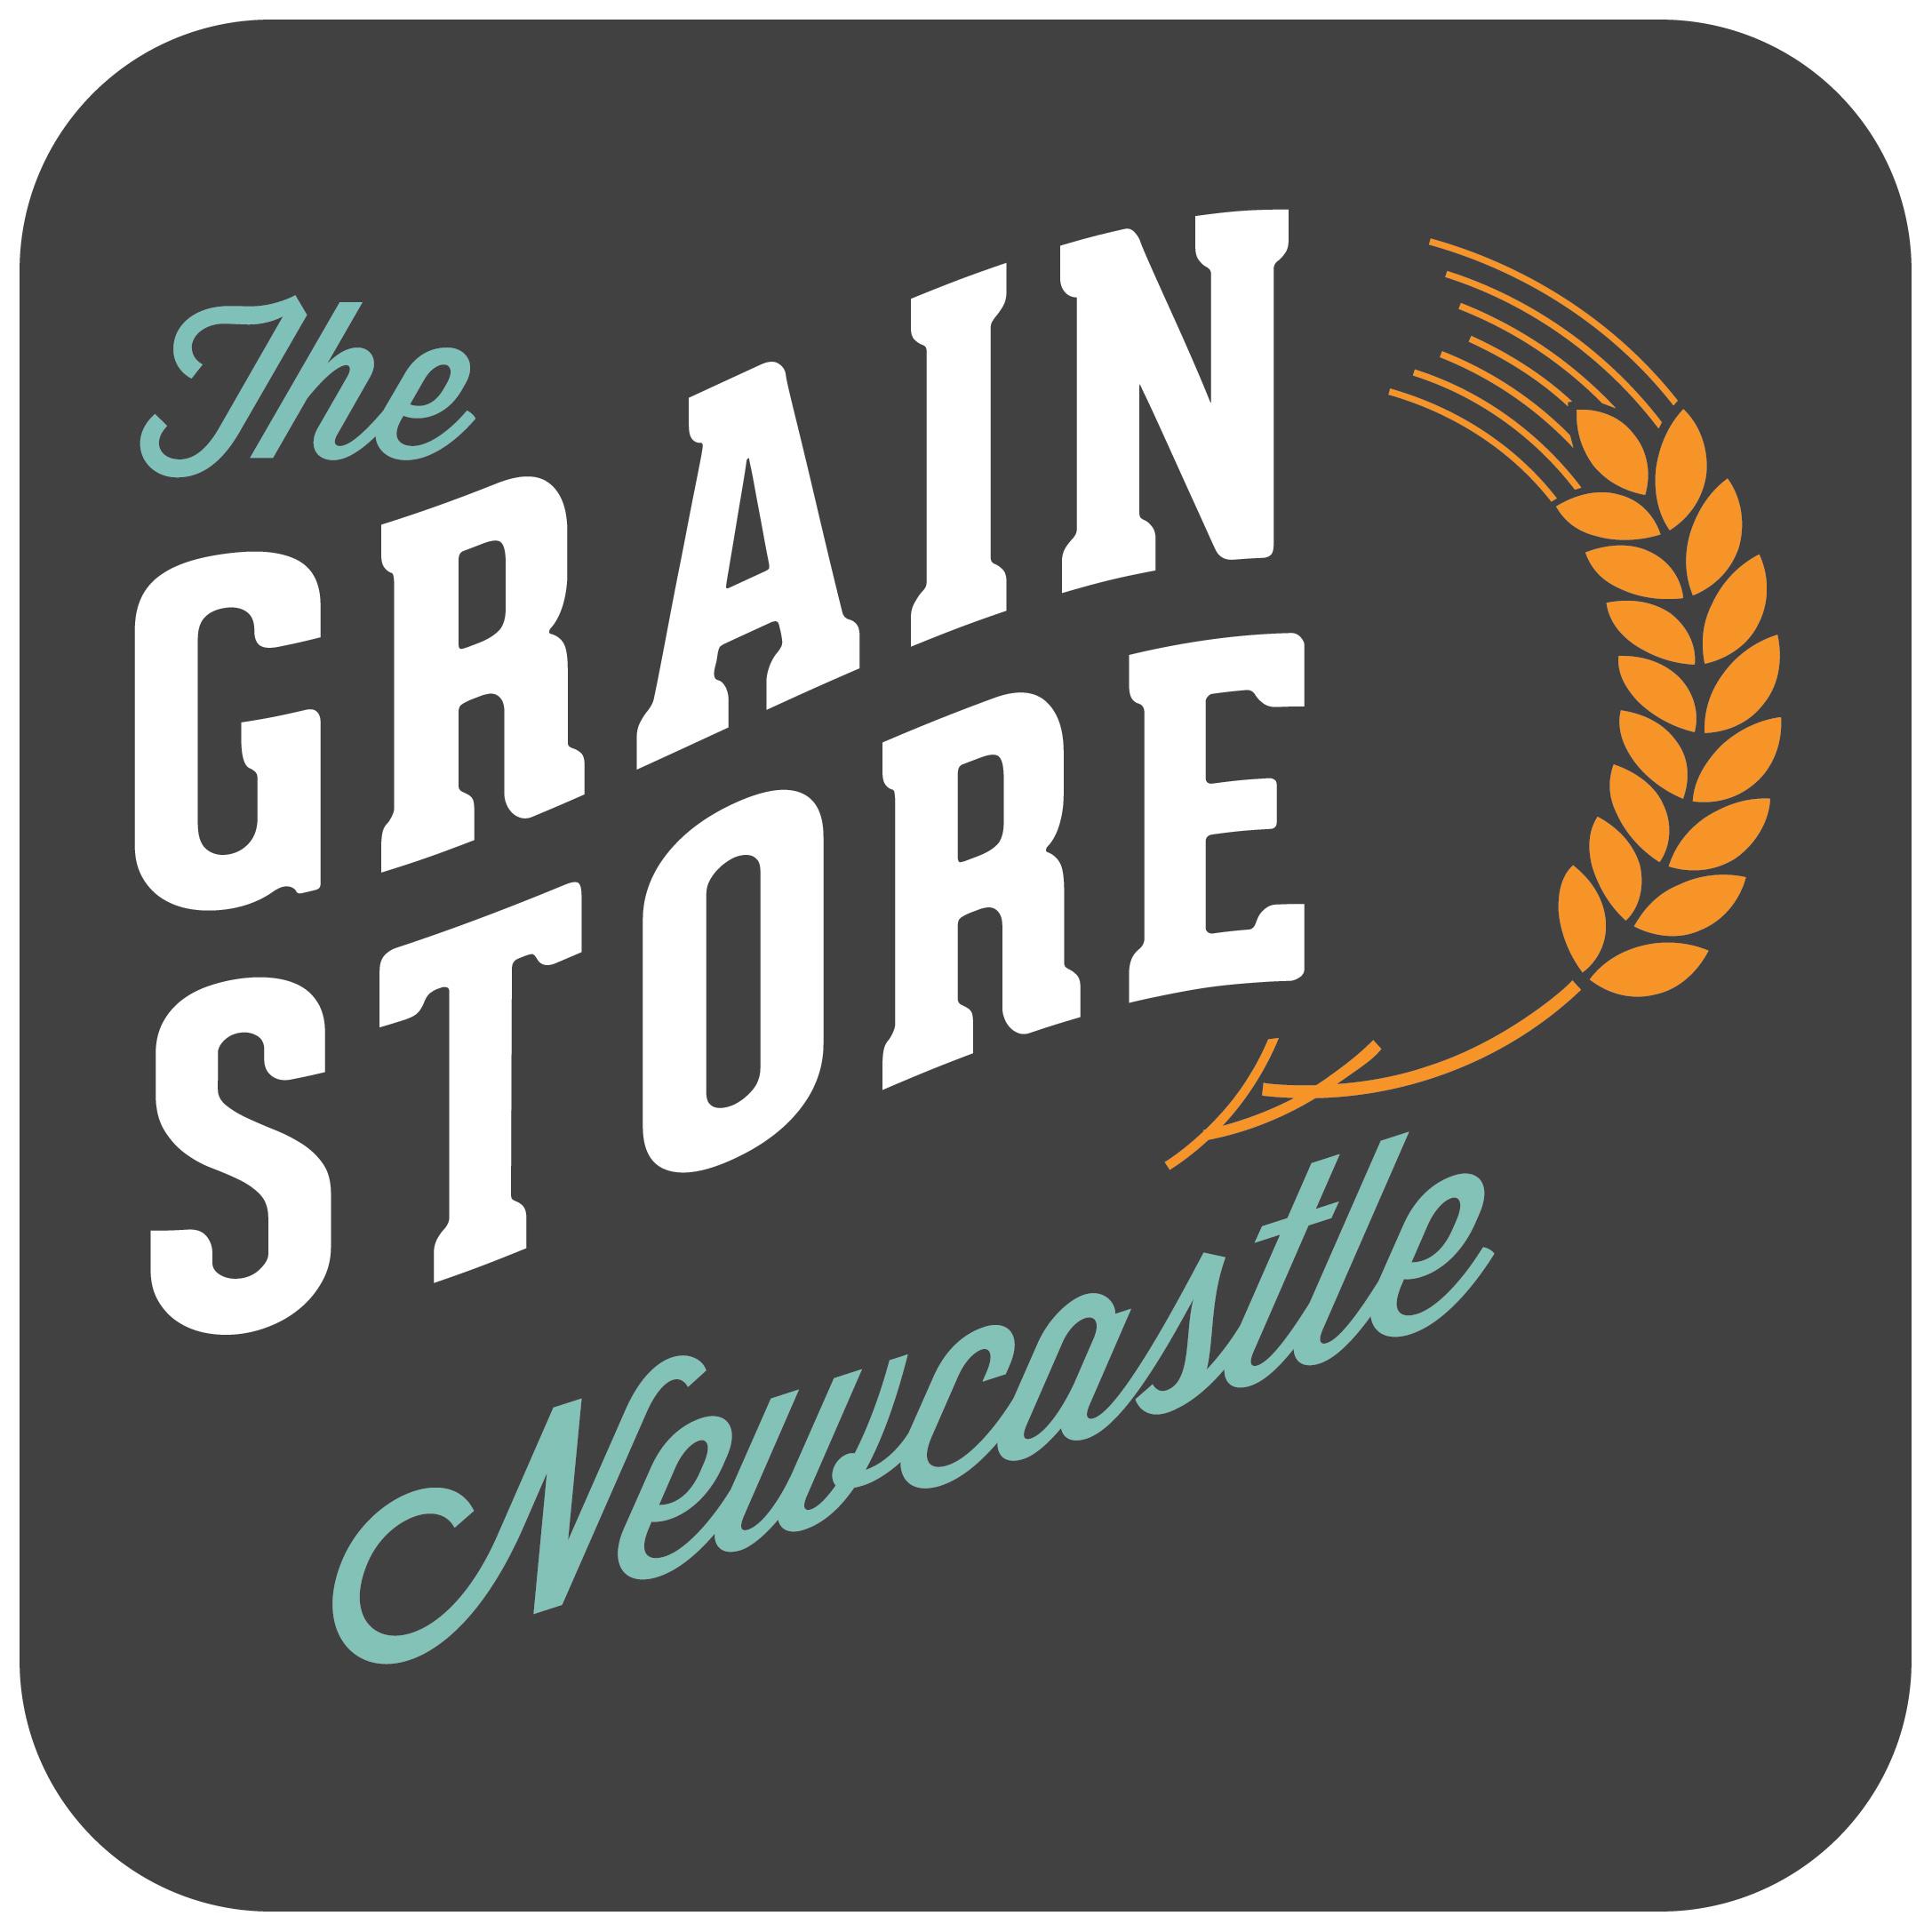 The Grain Store Newcastle